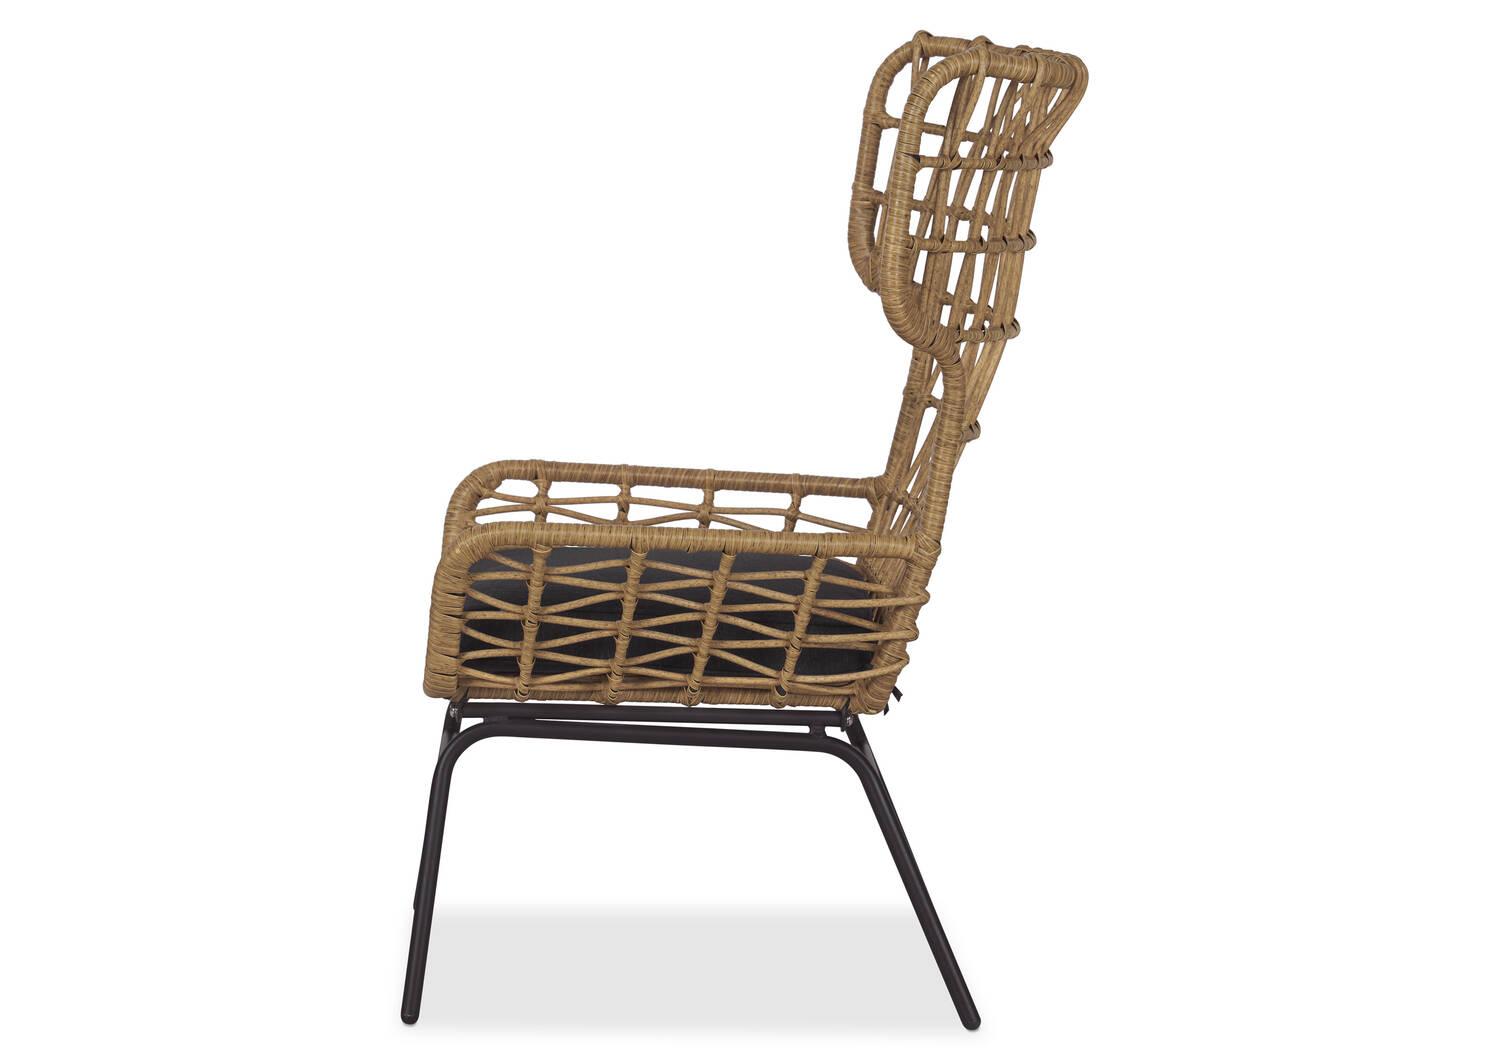 Chaise naturelle Wren -Ari carbone